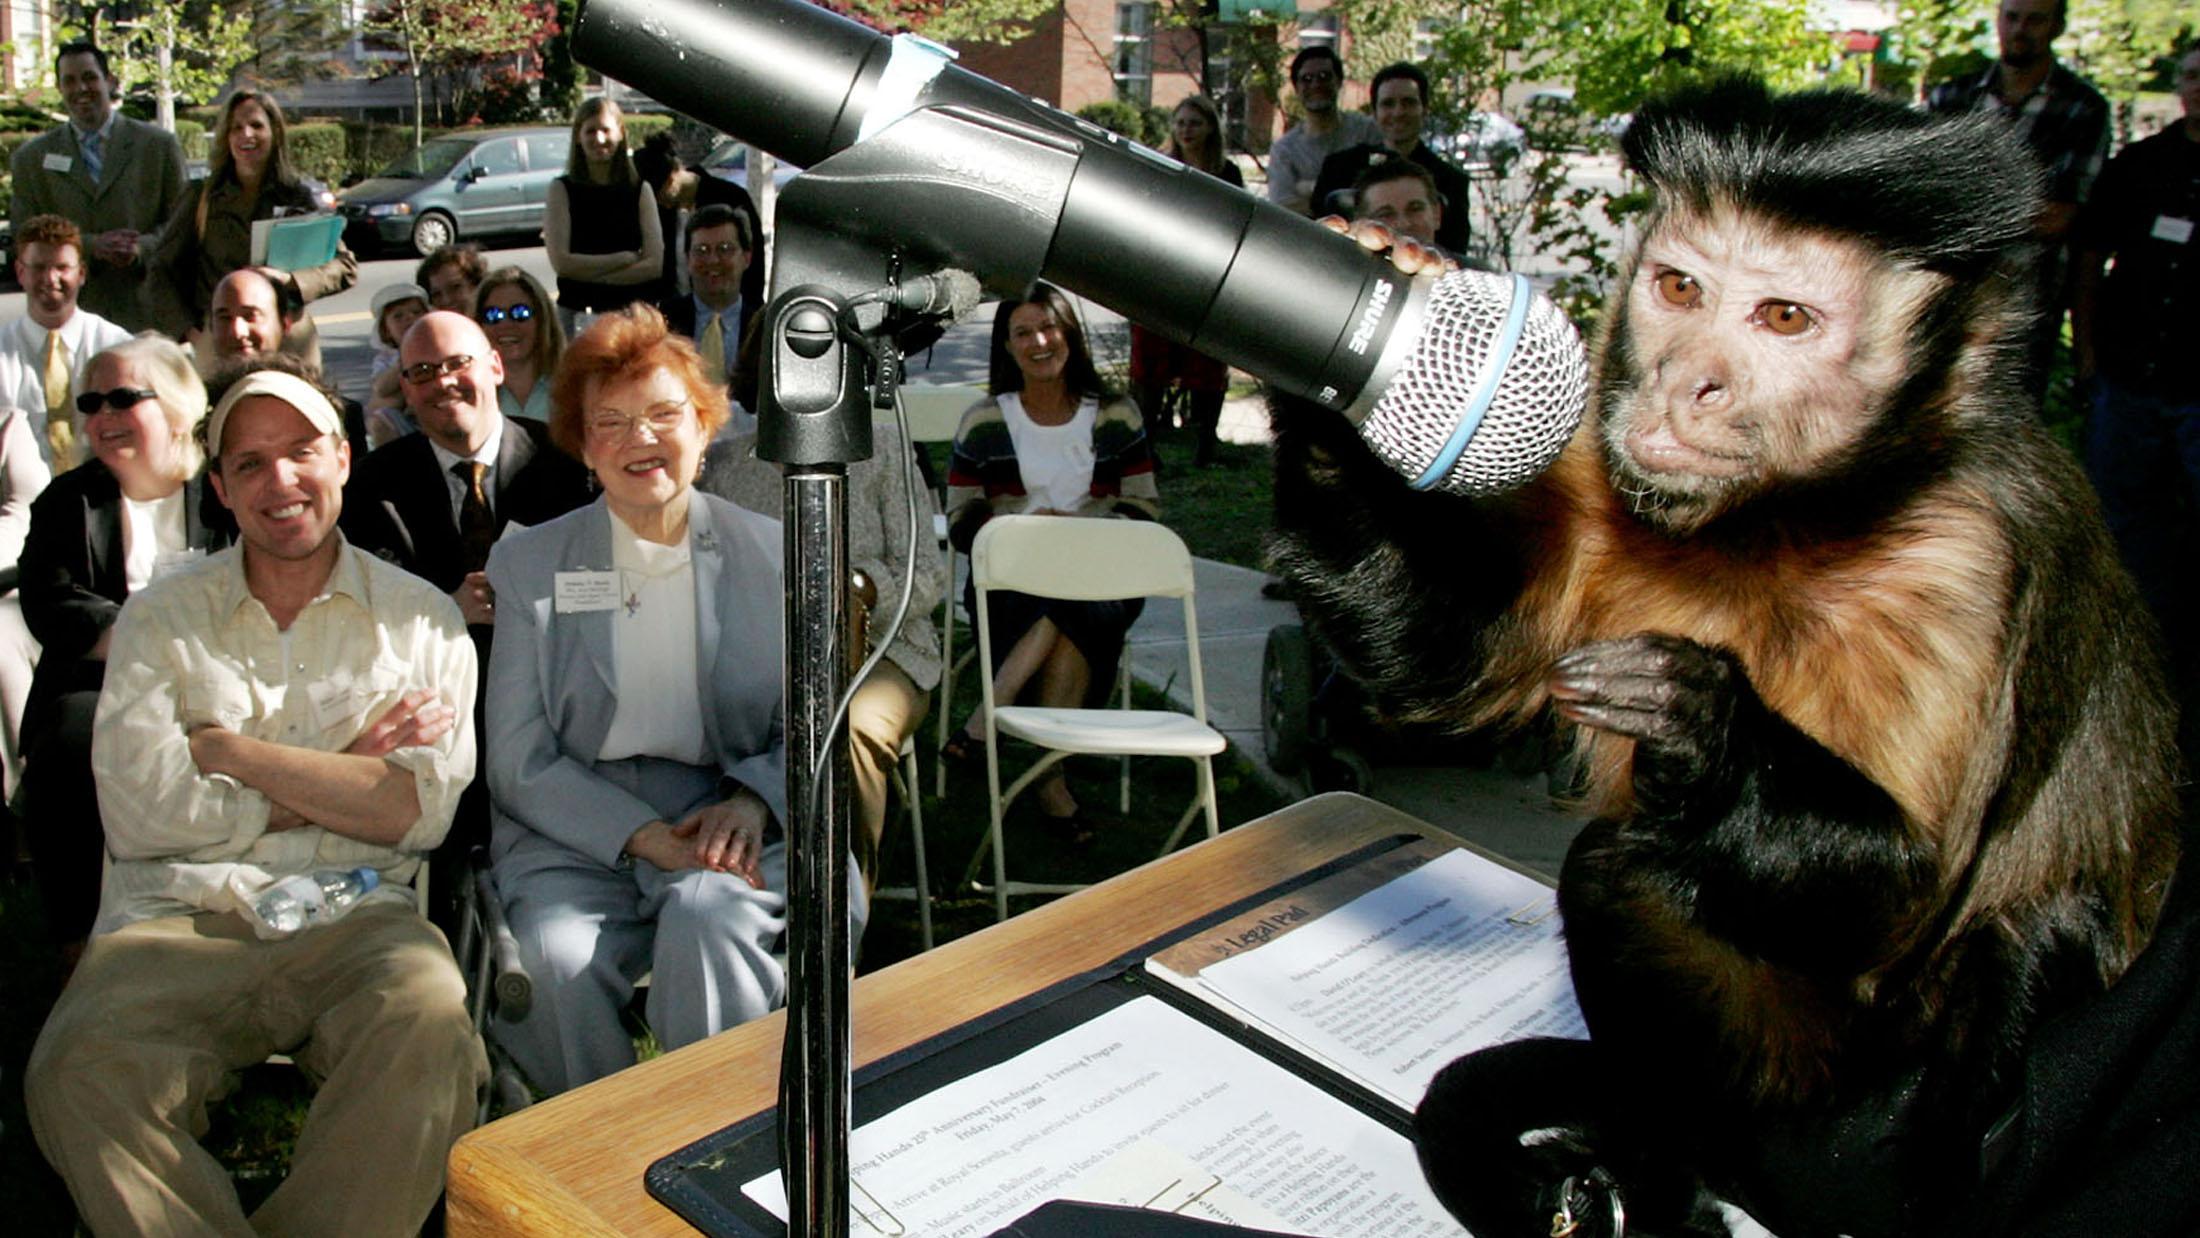 portfolio investor monkey risk taking